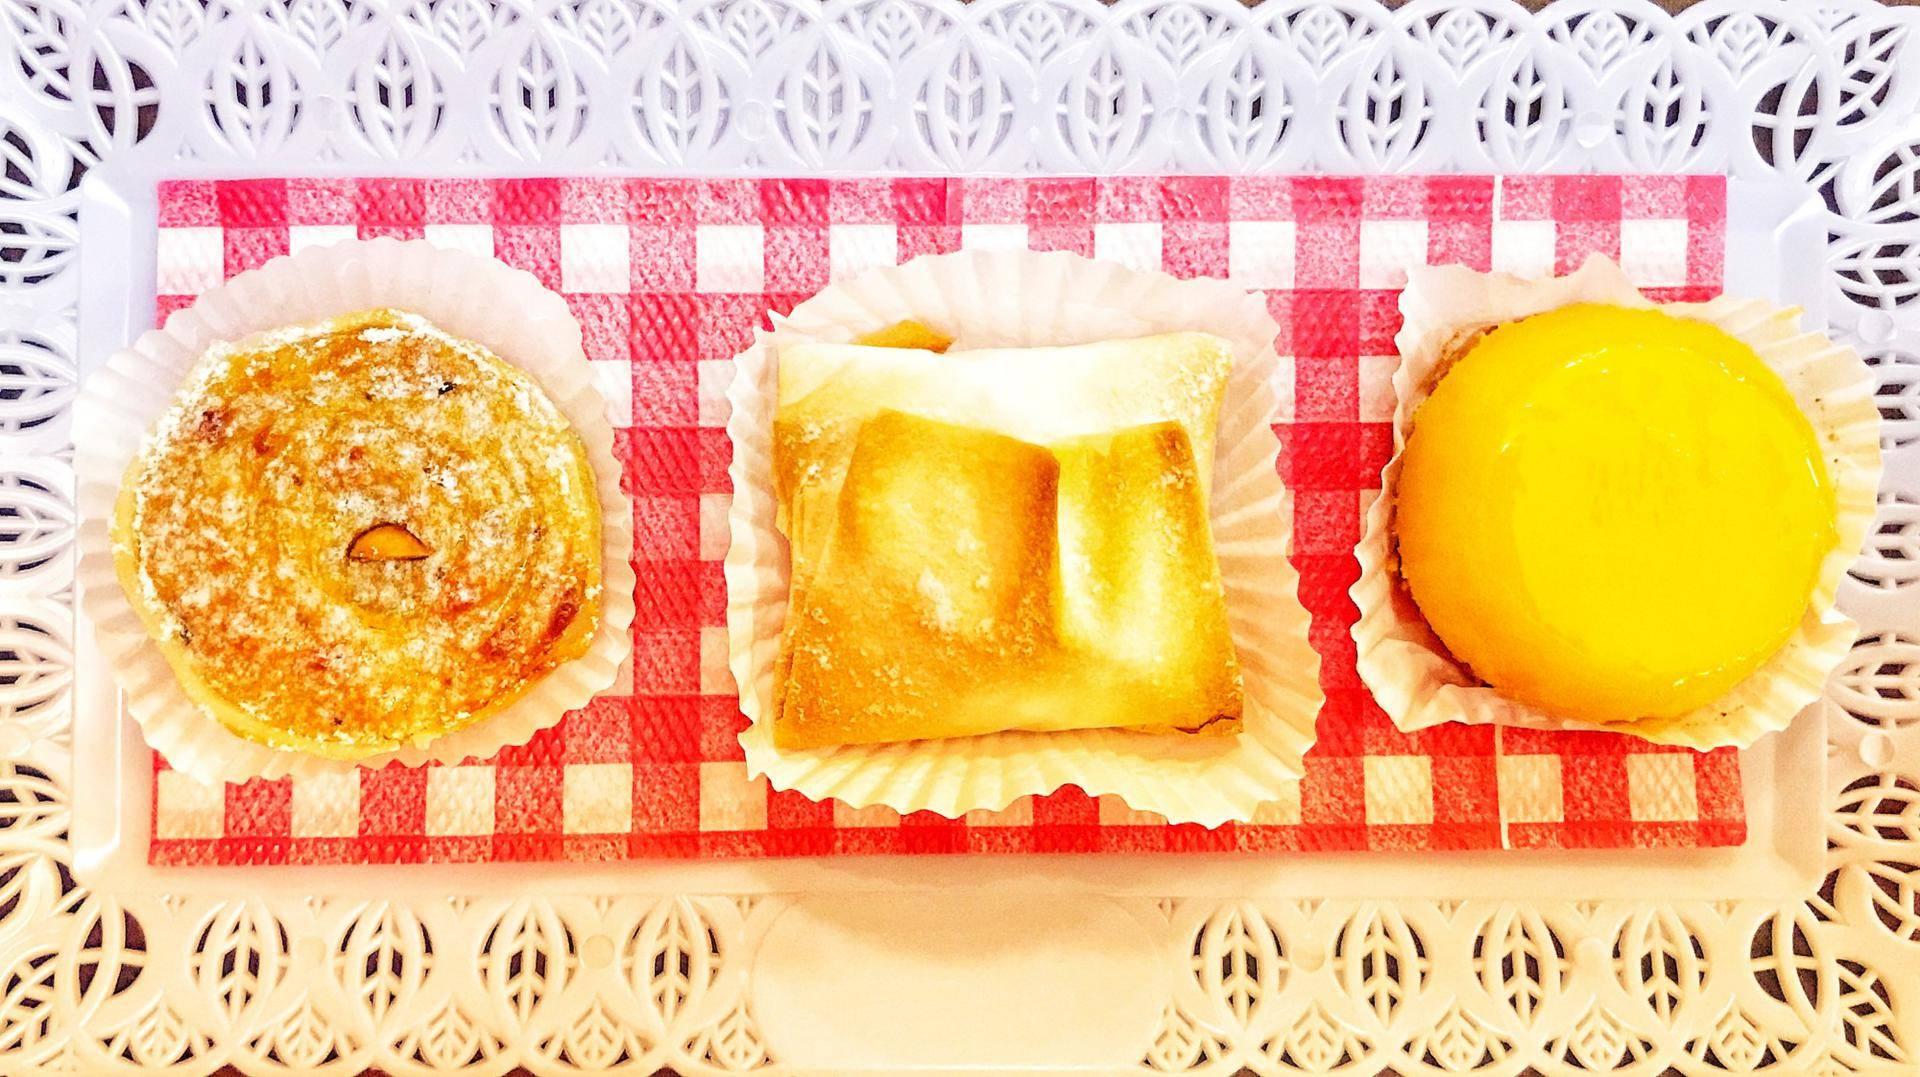 www.juicysantos.com.br - doces portugueses em santos